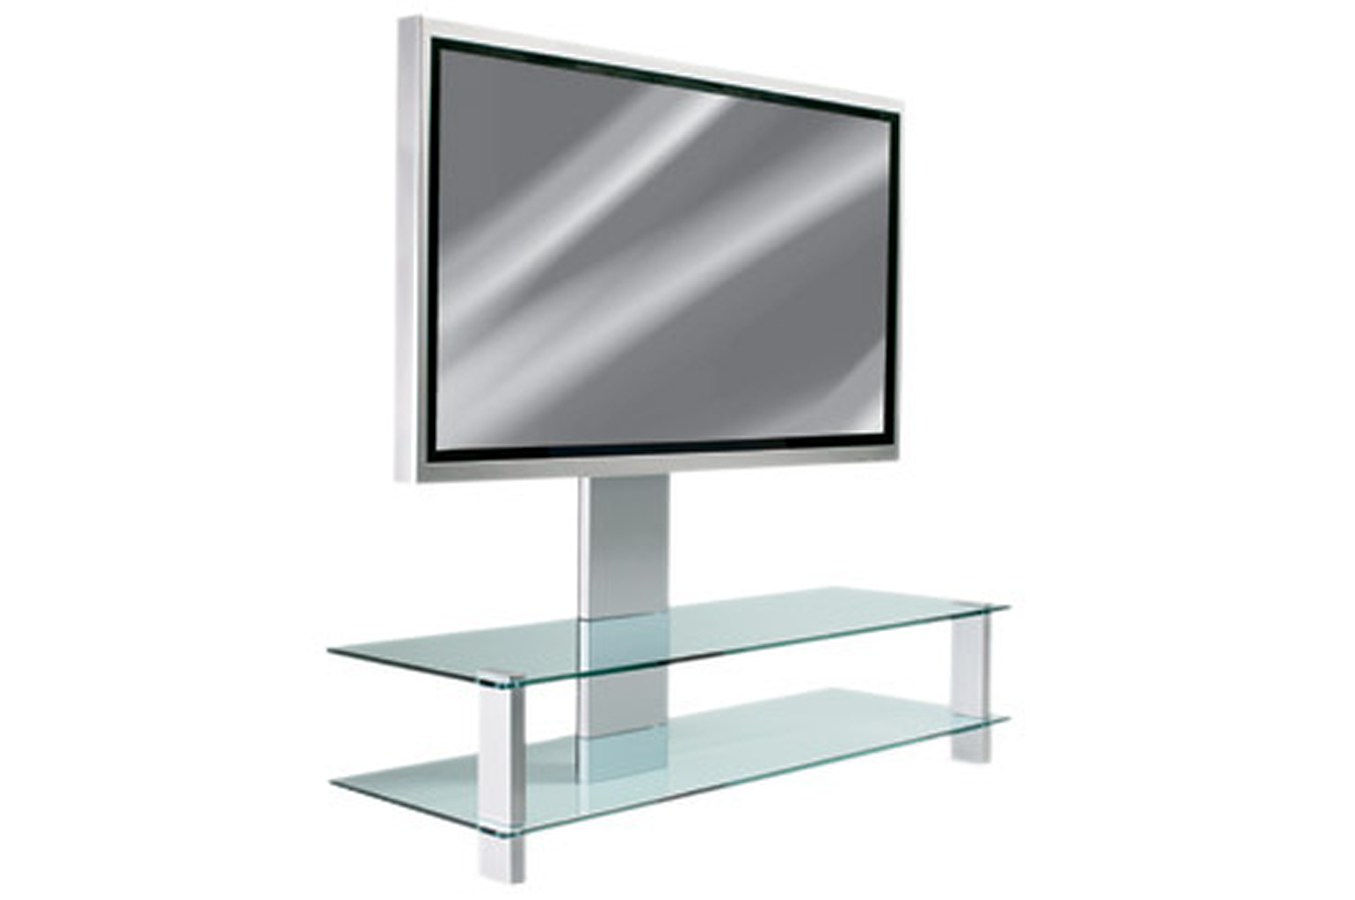 Darty Meuble Tv Dangle Solutions Pour La D Coration Int Rieure  # Meuble Tv Darty